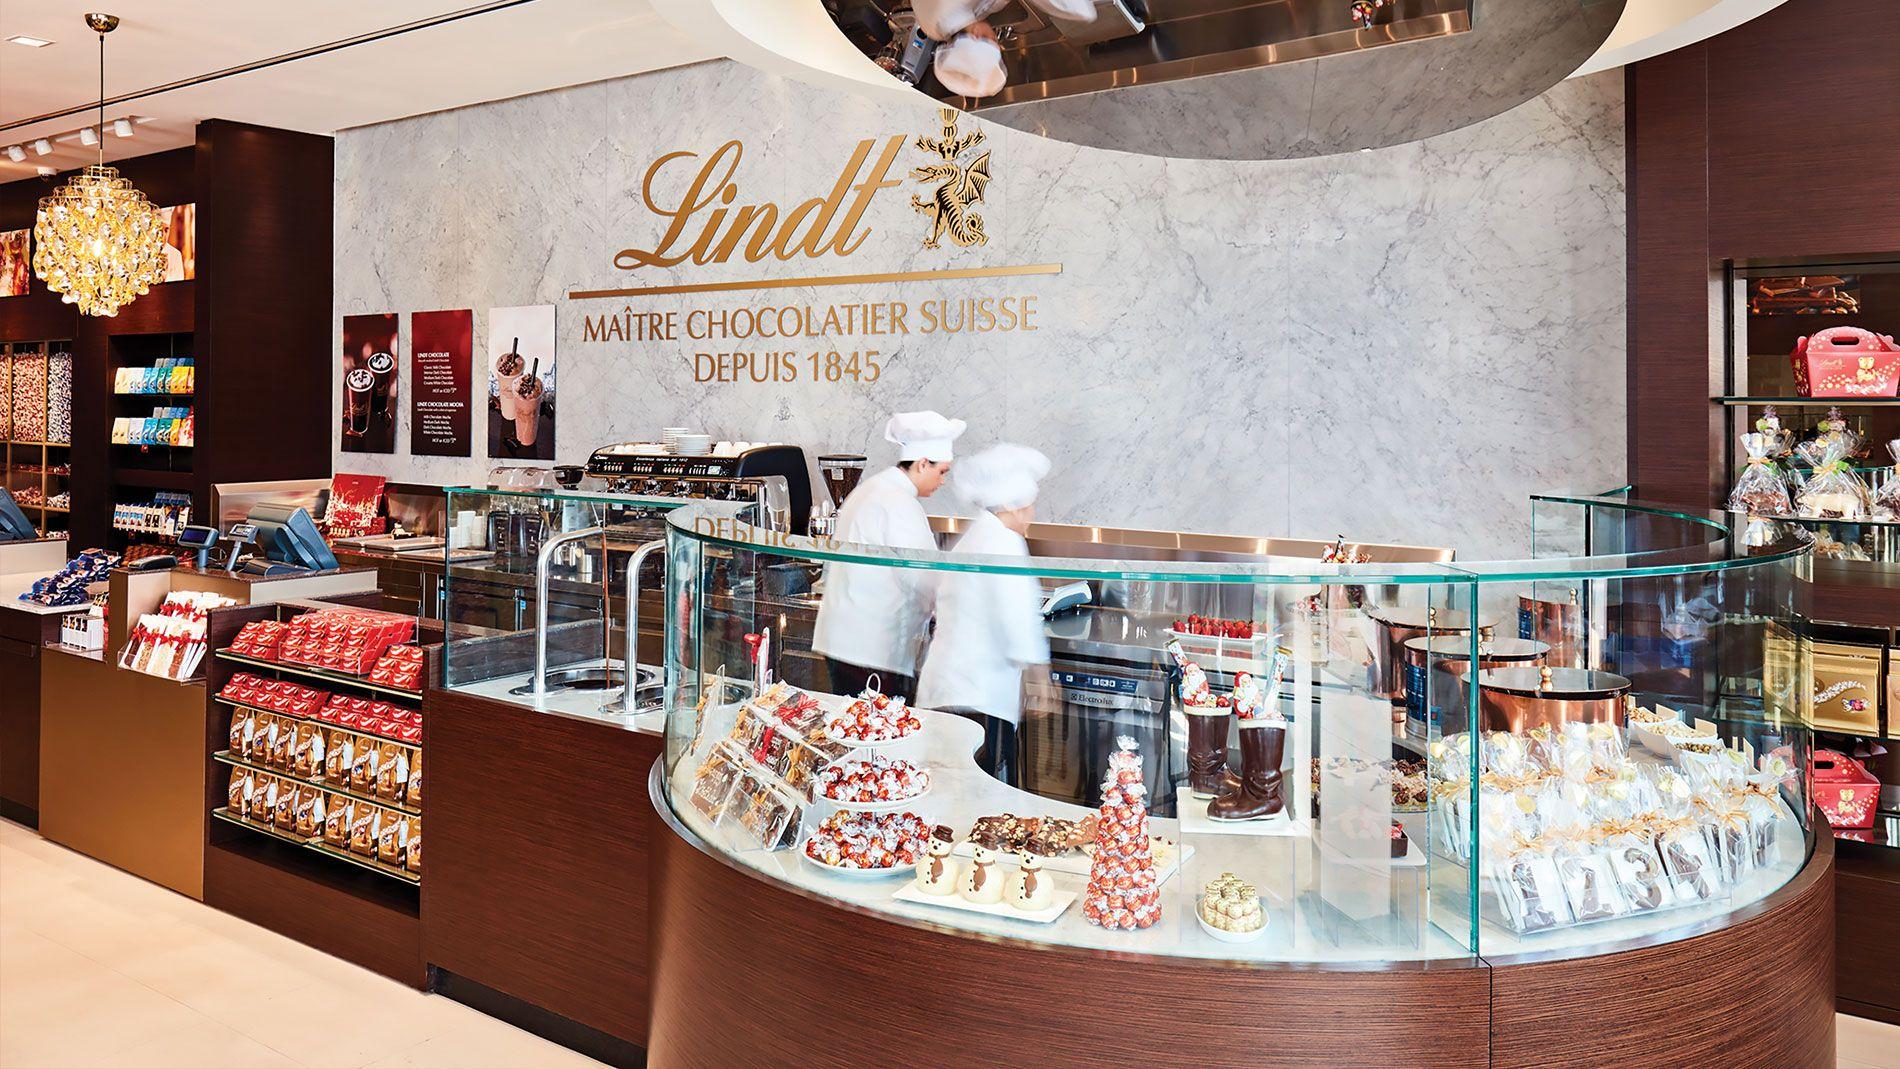 Шоколадная революция Lindt 540235 - Kapital.kz